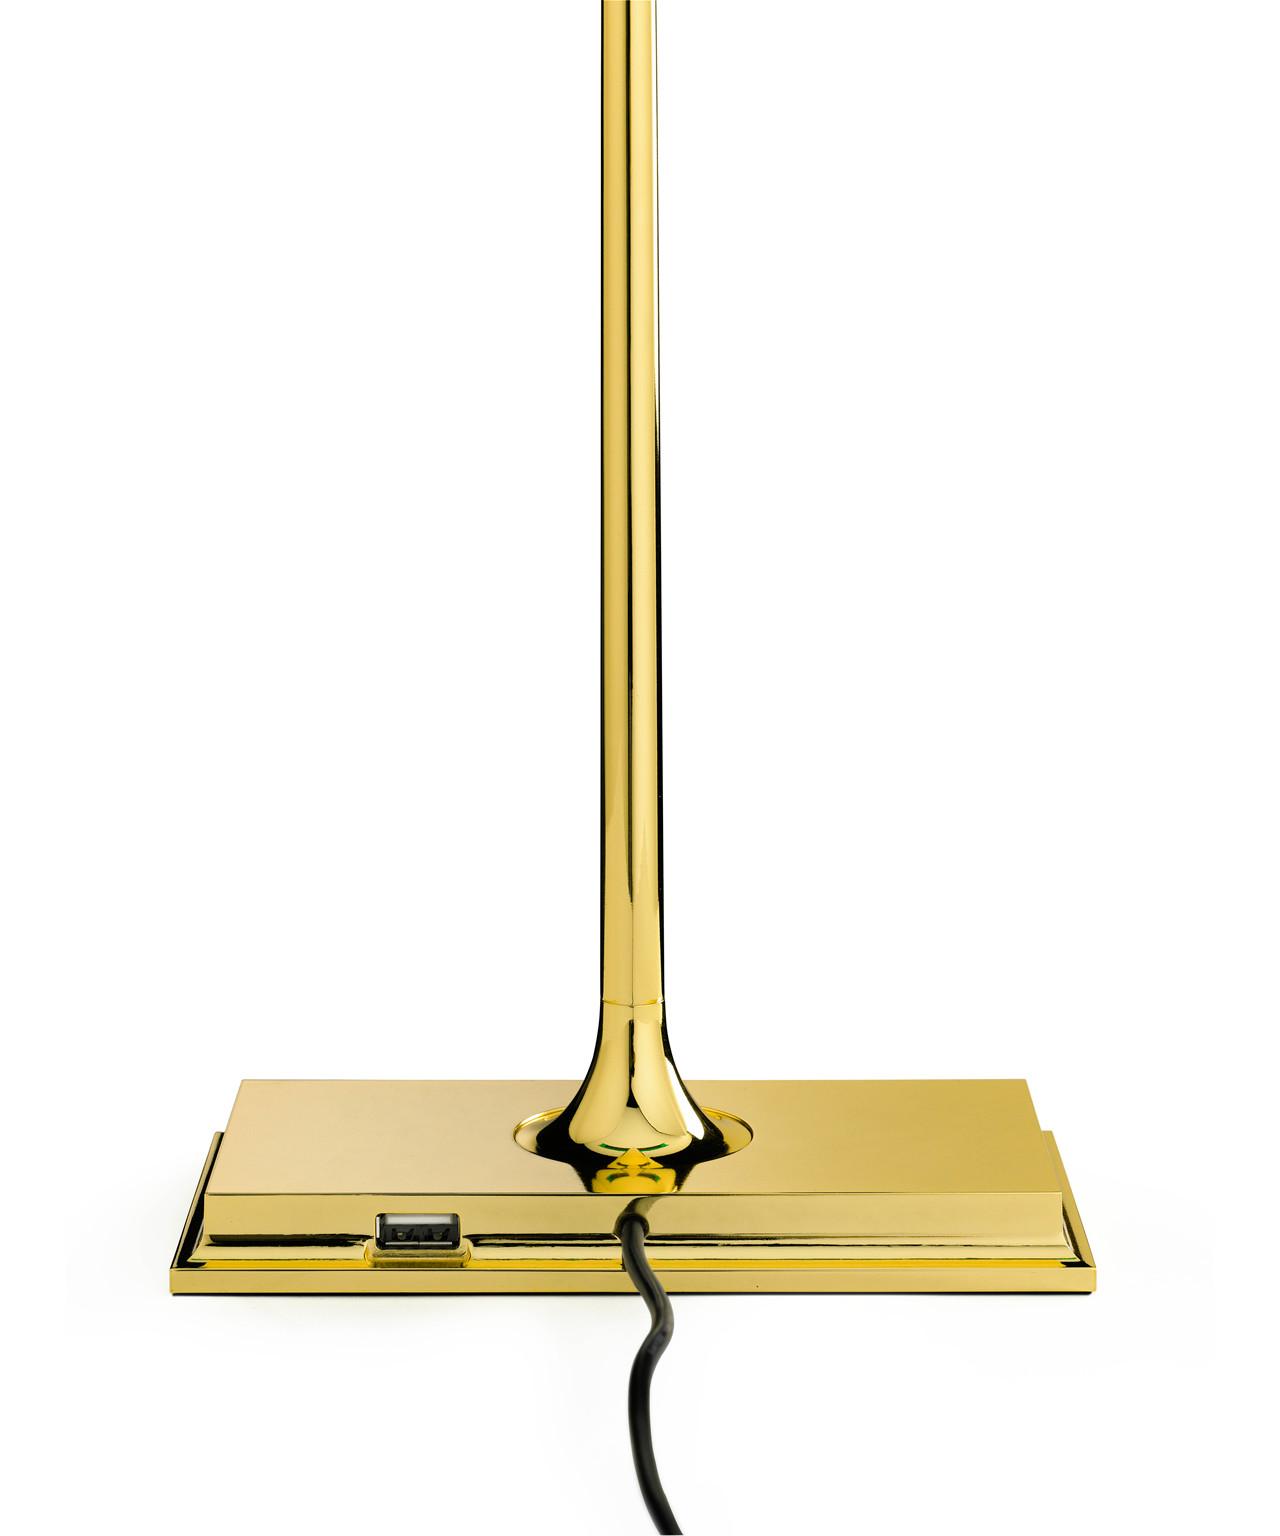 goldman bordlampe sortforkromet flos. Black Bedroom Furniture Sets. Home Design Ideas